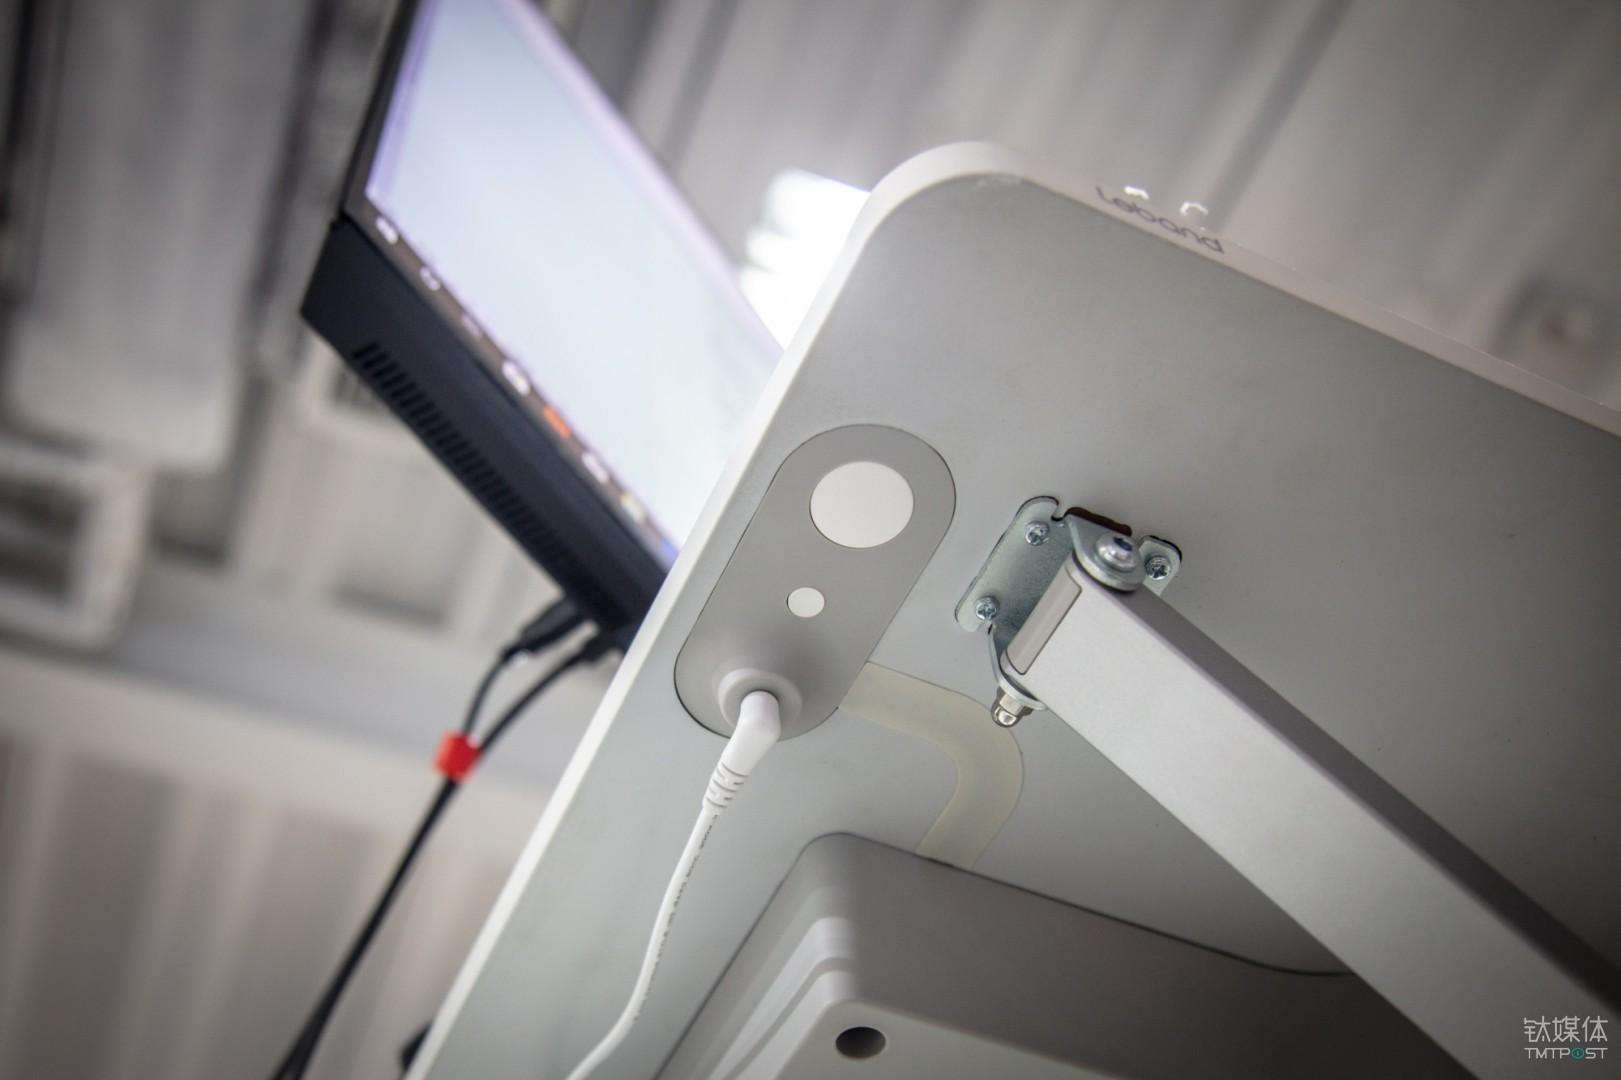 台面下方的操作按键及电源插口